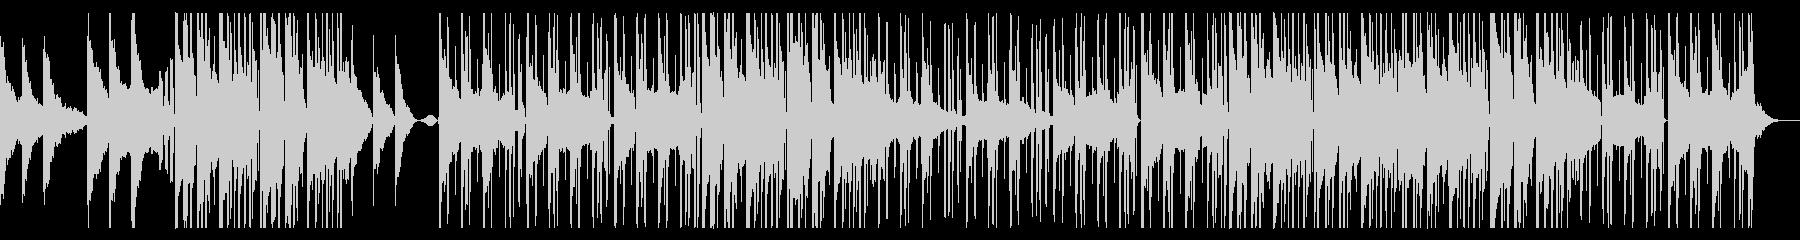 洋楽風のダークなピアノ主体ポップスの未再生の波形